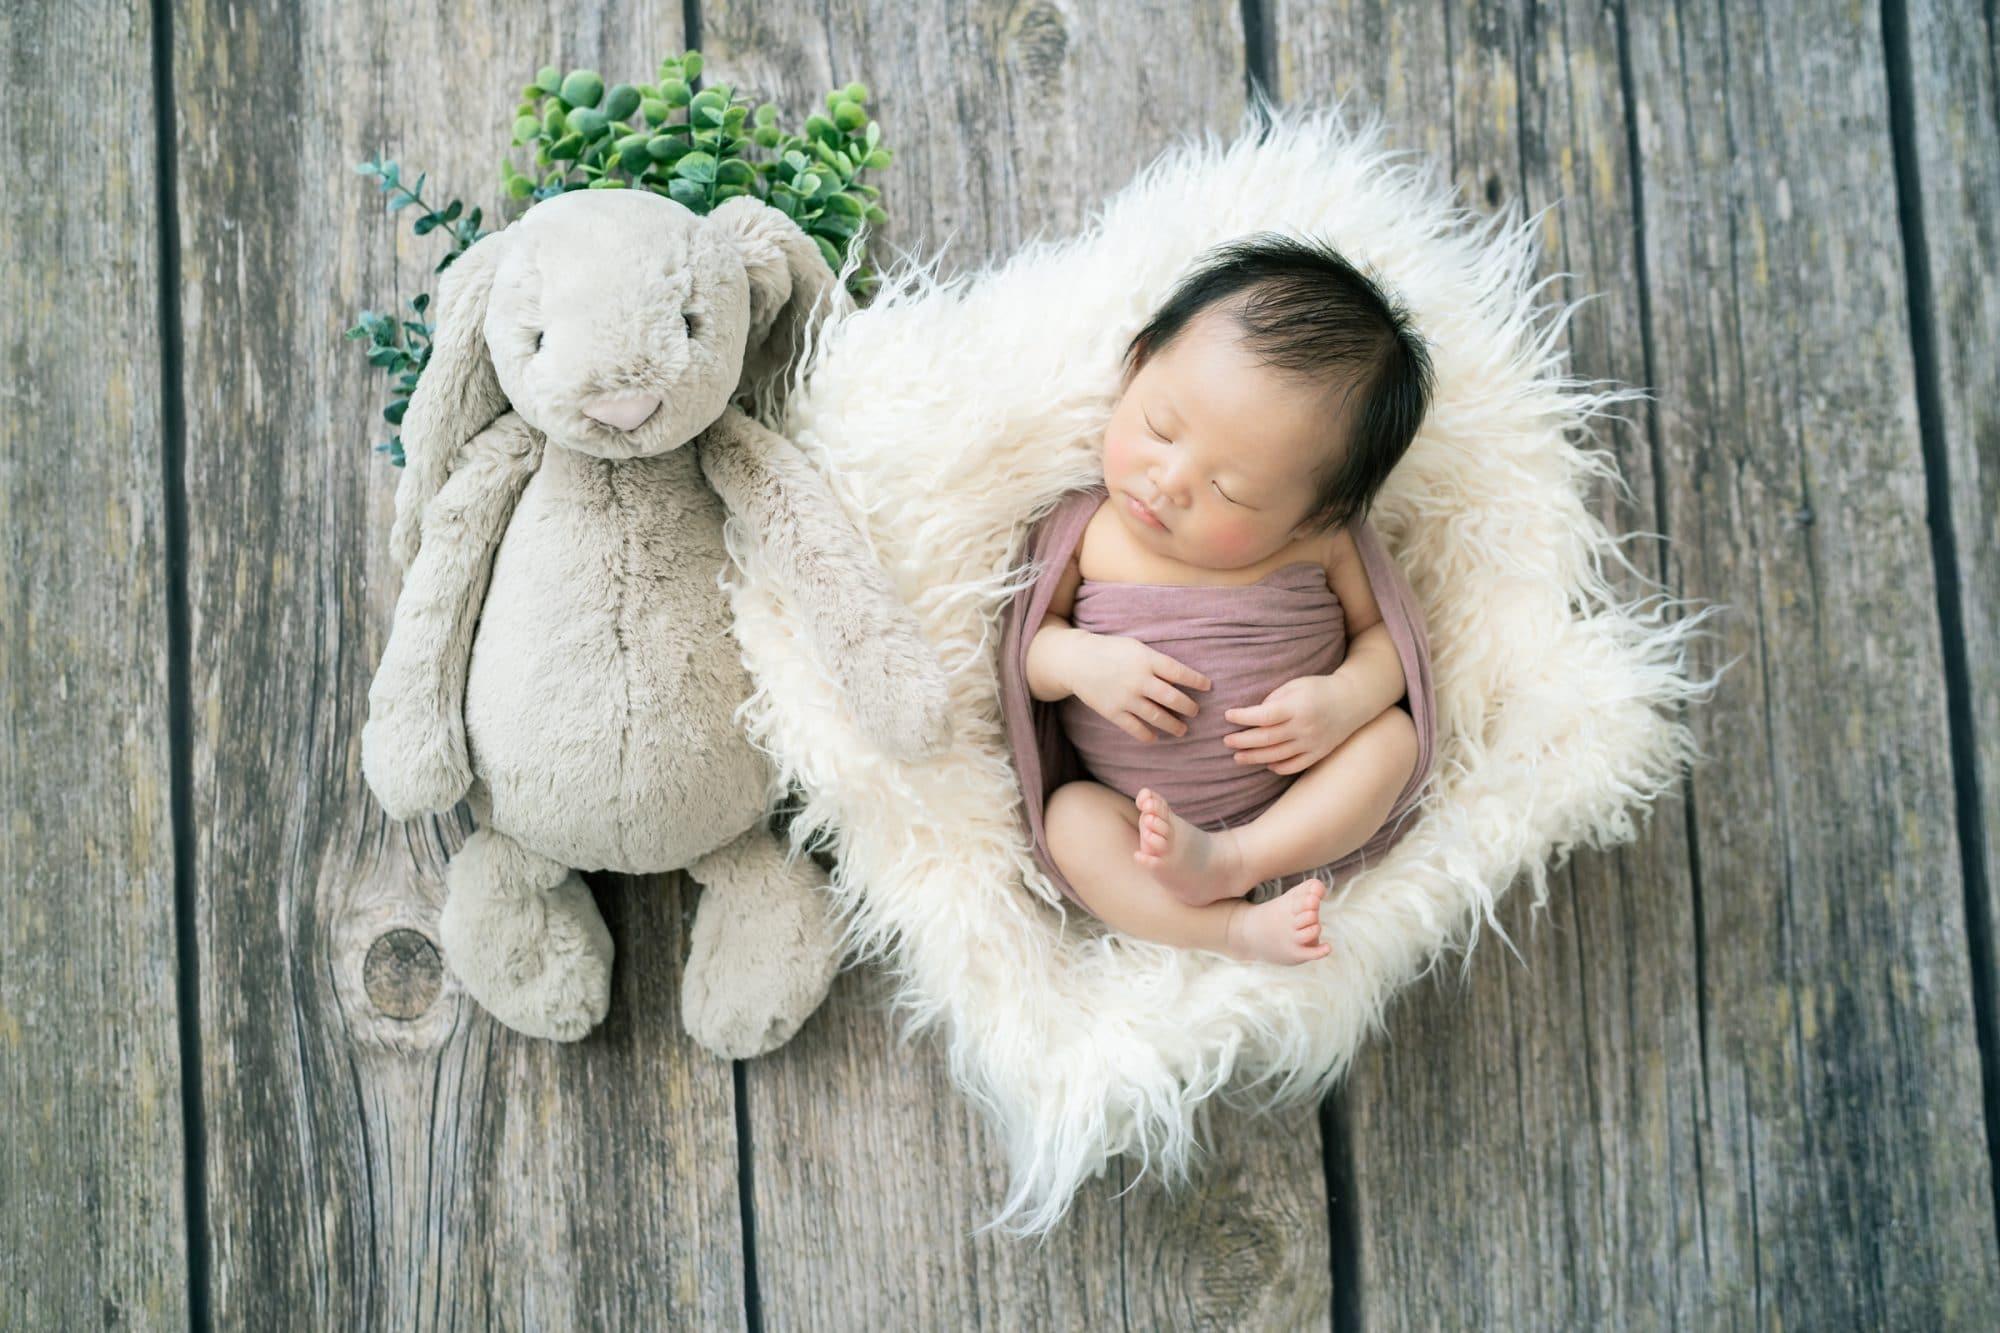 ウサギのぬいぐるみと一緒に箱に入って布に巻かれた赤ちゃん